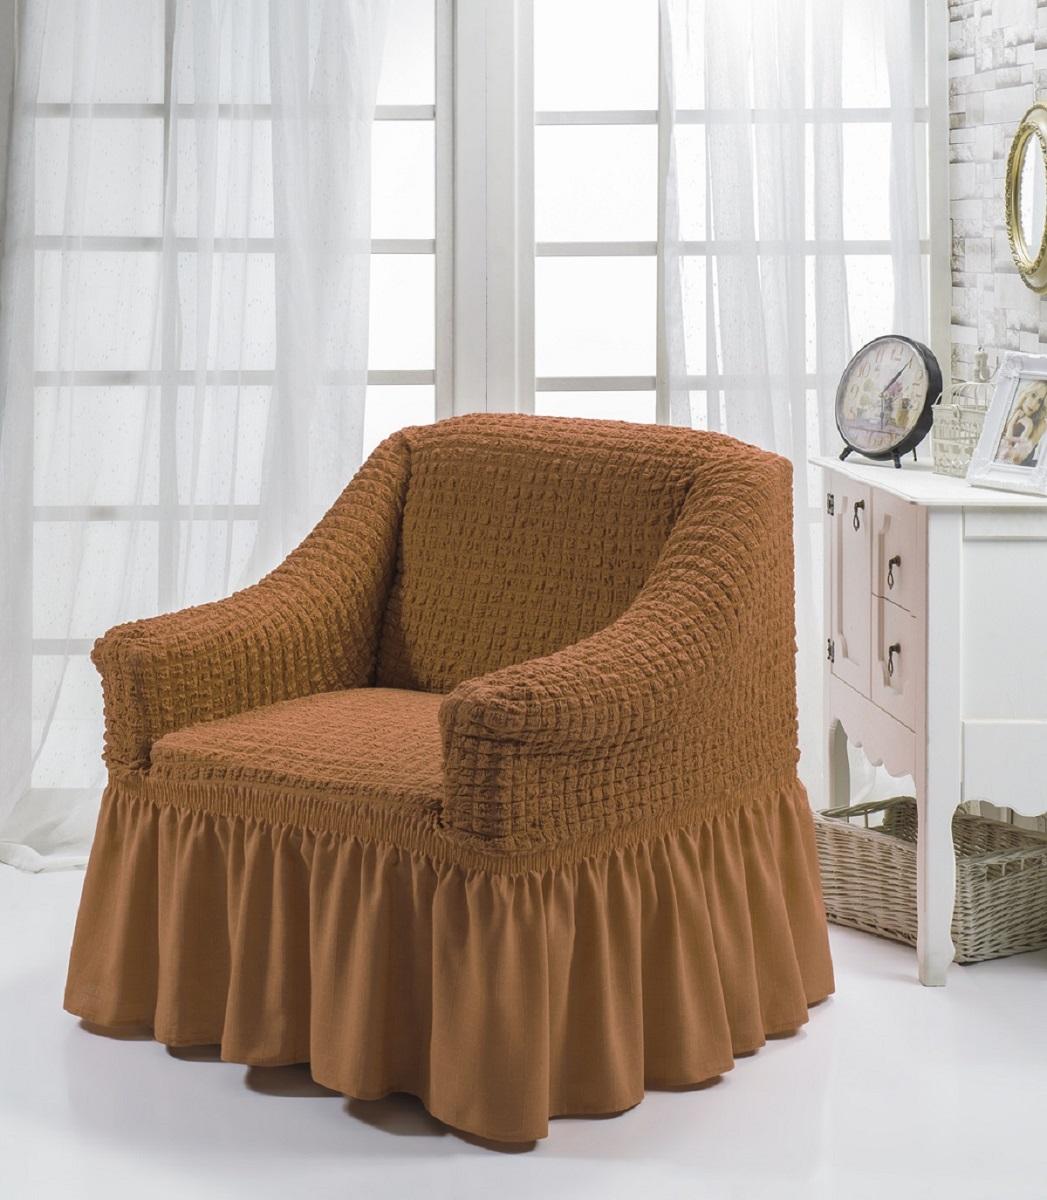 Чехол для кресла Karna Bulsan, цвет: кирпичный1797/CHAR006Универсальный чехол для кресла Karna Bulsan изготовлен из высококачественного материала на основе полиэстера и хлопка и дополнен широкой юбкой, скрывающей низ мебели.Изделие оснащено фиксаторами, которые позволяют надежно закрепить чехол на мебели. Фиксаторы вставляются в расстояние между спинкой и сиденьем, фиксируя чехол в одном положении, и не позволяя ему съезжать и терять форму. Фиксаторы особенно необходимы в том случае, если у вас кожаная мебель или мебель нестандартных габаритов.Характеристики: Плотность: 360 гр/м2.Ширина и глубина посадочного места: 70-80 см. Высота спинки от посадочного места: 70-80 см. Высота подлокотников: 35-45 см. Ширина подлокотников: 25-35 см. Высота юбки: 35 см.